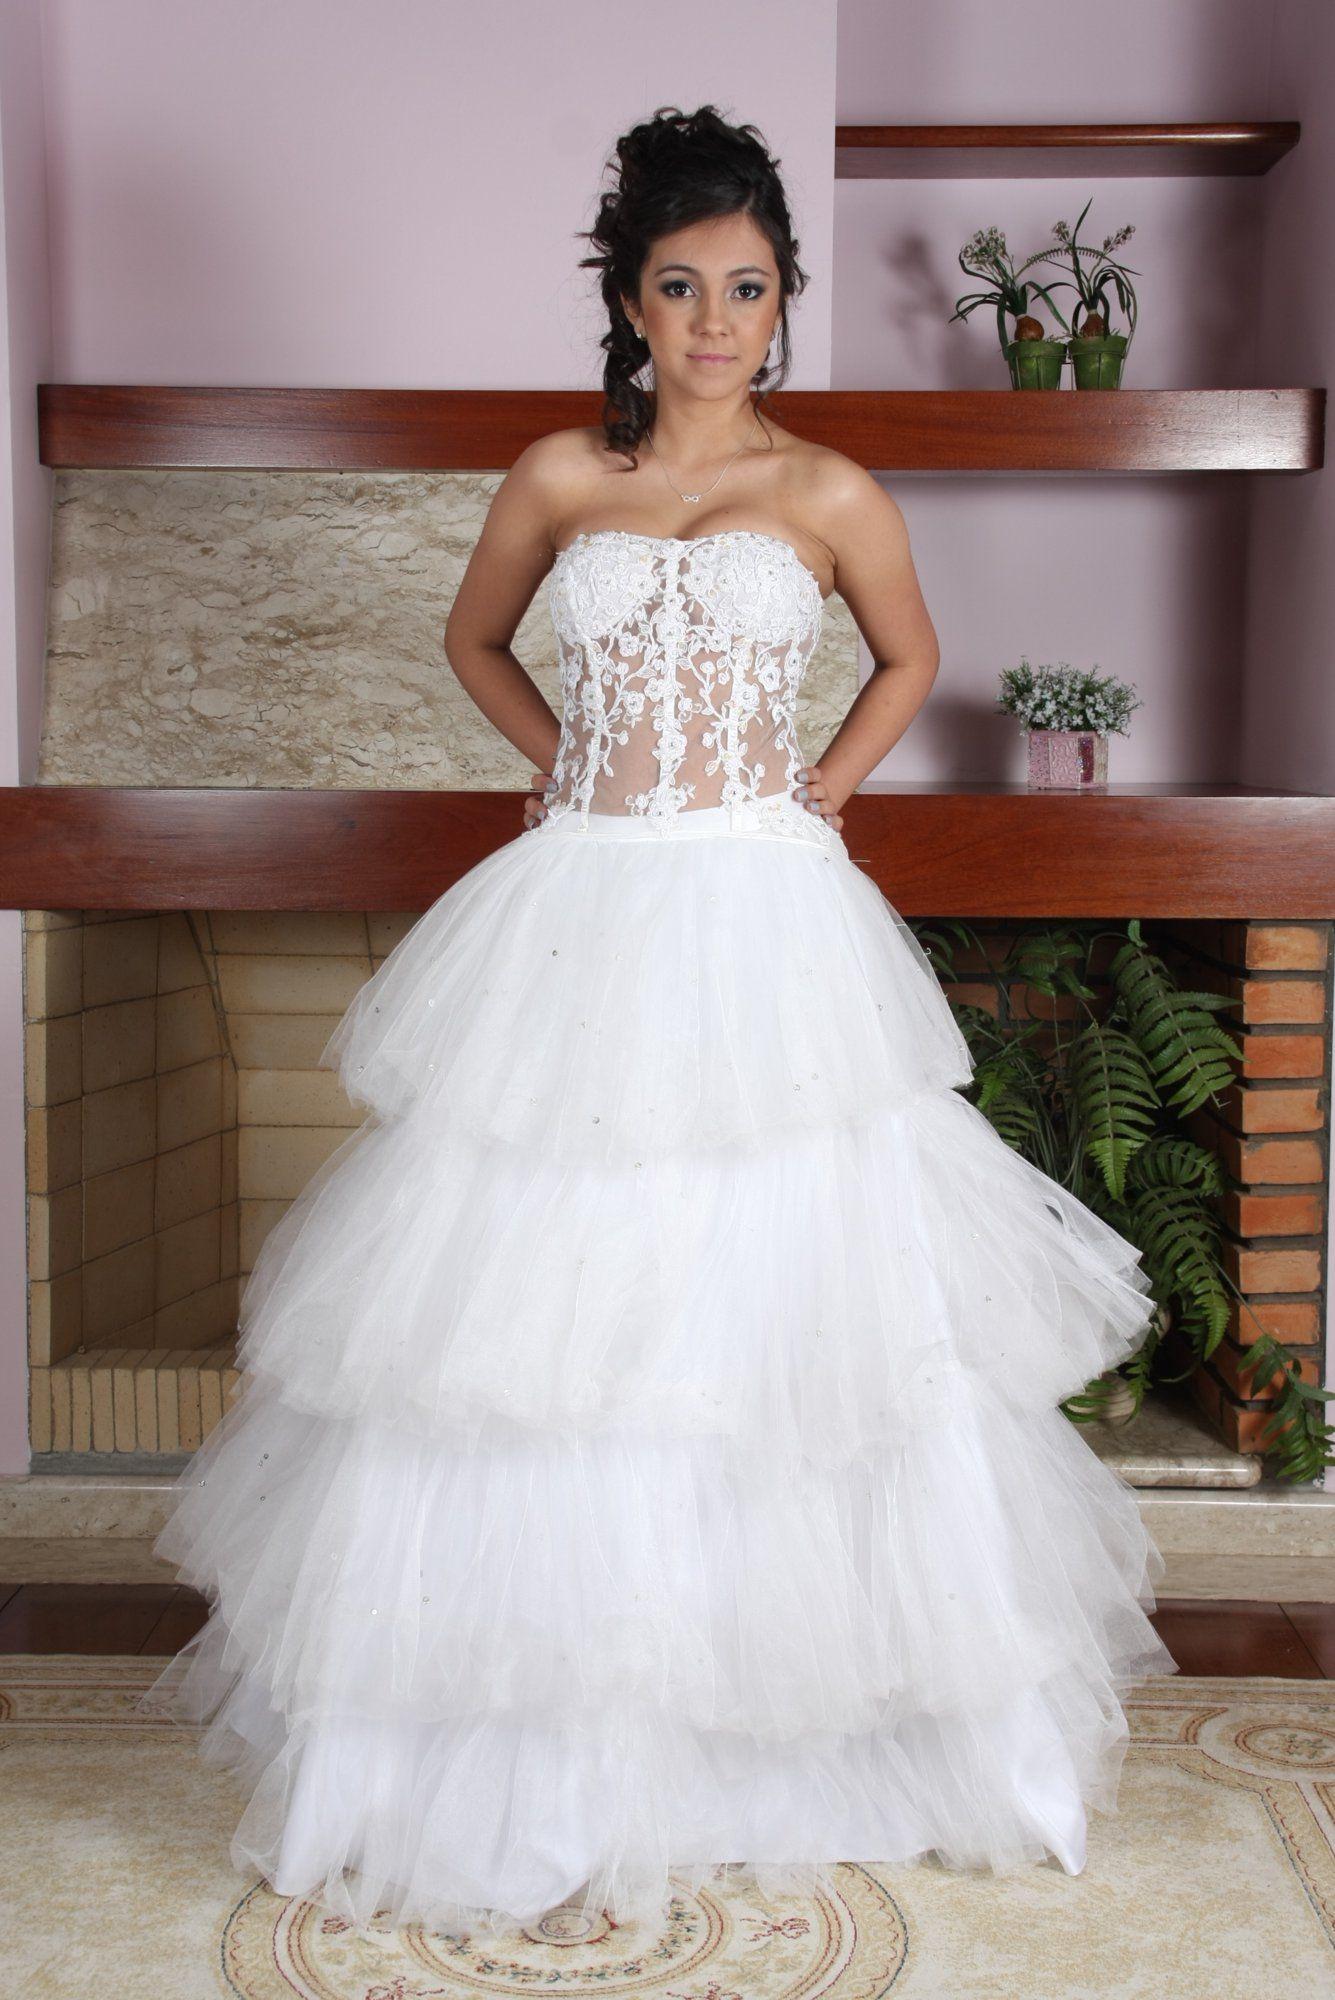 Vestido de Debutante Branco - 2 - Hipnose Alta Costura e Spa para Noivas e Noivos - Campinas - SP Vestido de Debutante, Vestido de Debutante Branco, Hipnose Alta Costura